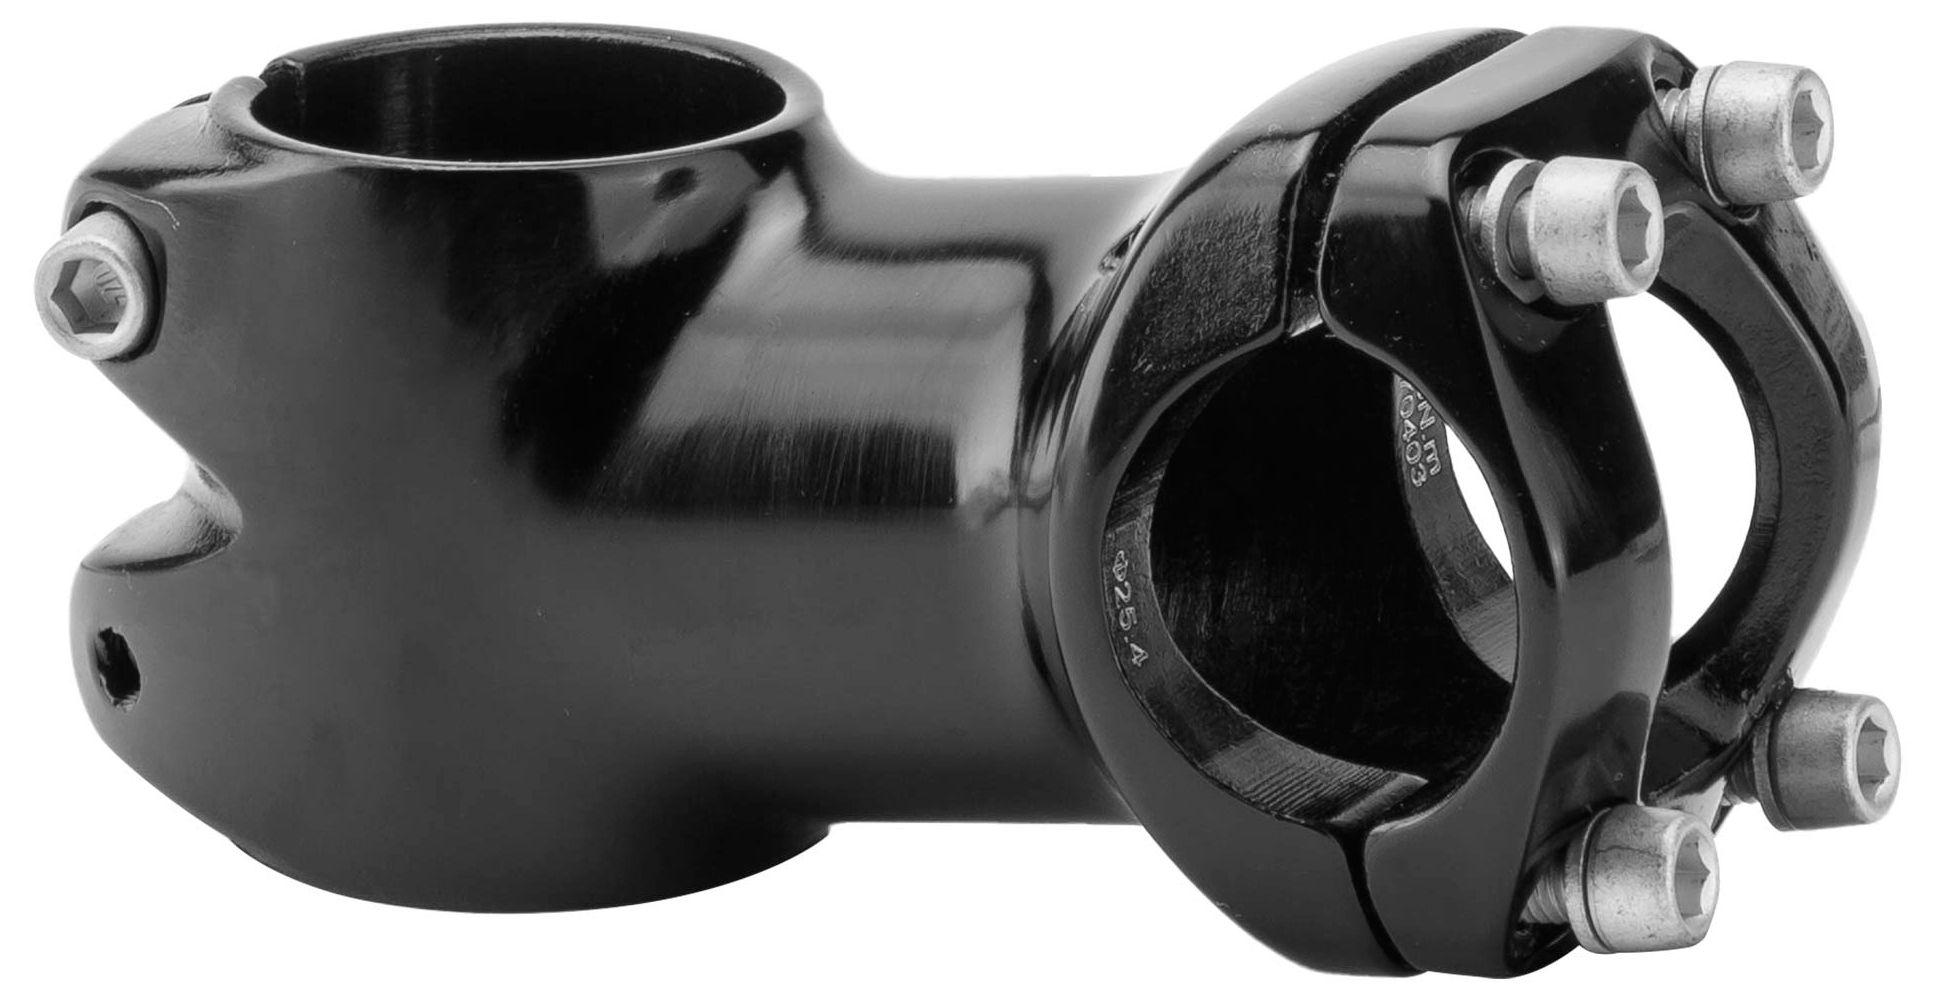 Запчасть Stels SM-M003, 1-1/8 х 105 мм х 25,4 мм,  рули и выносы  - артикул:284561